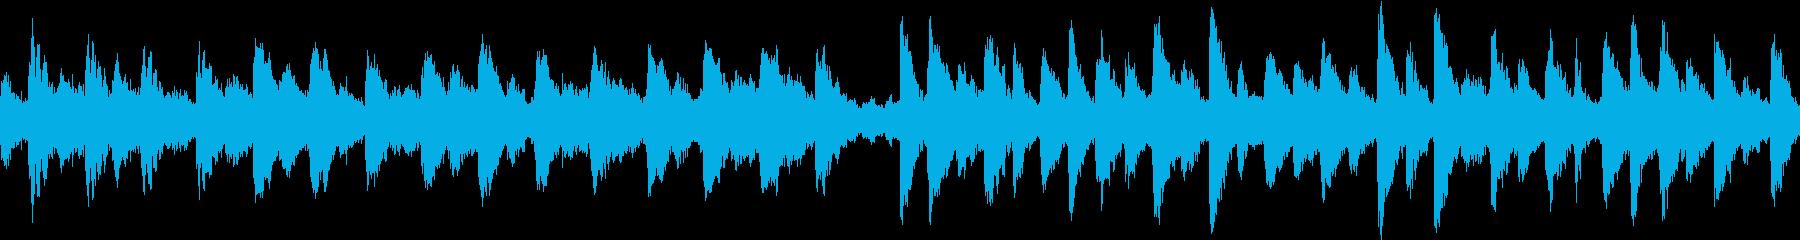 不気味な鐘とレコードノイズのループ用楽曲の再生済みの波形